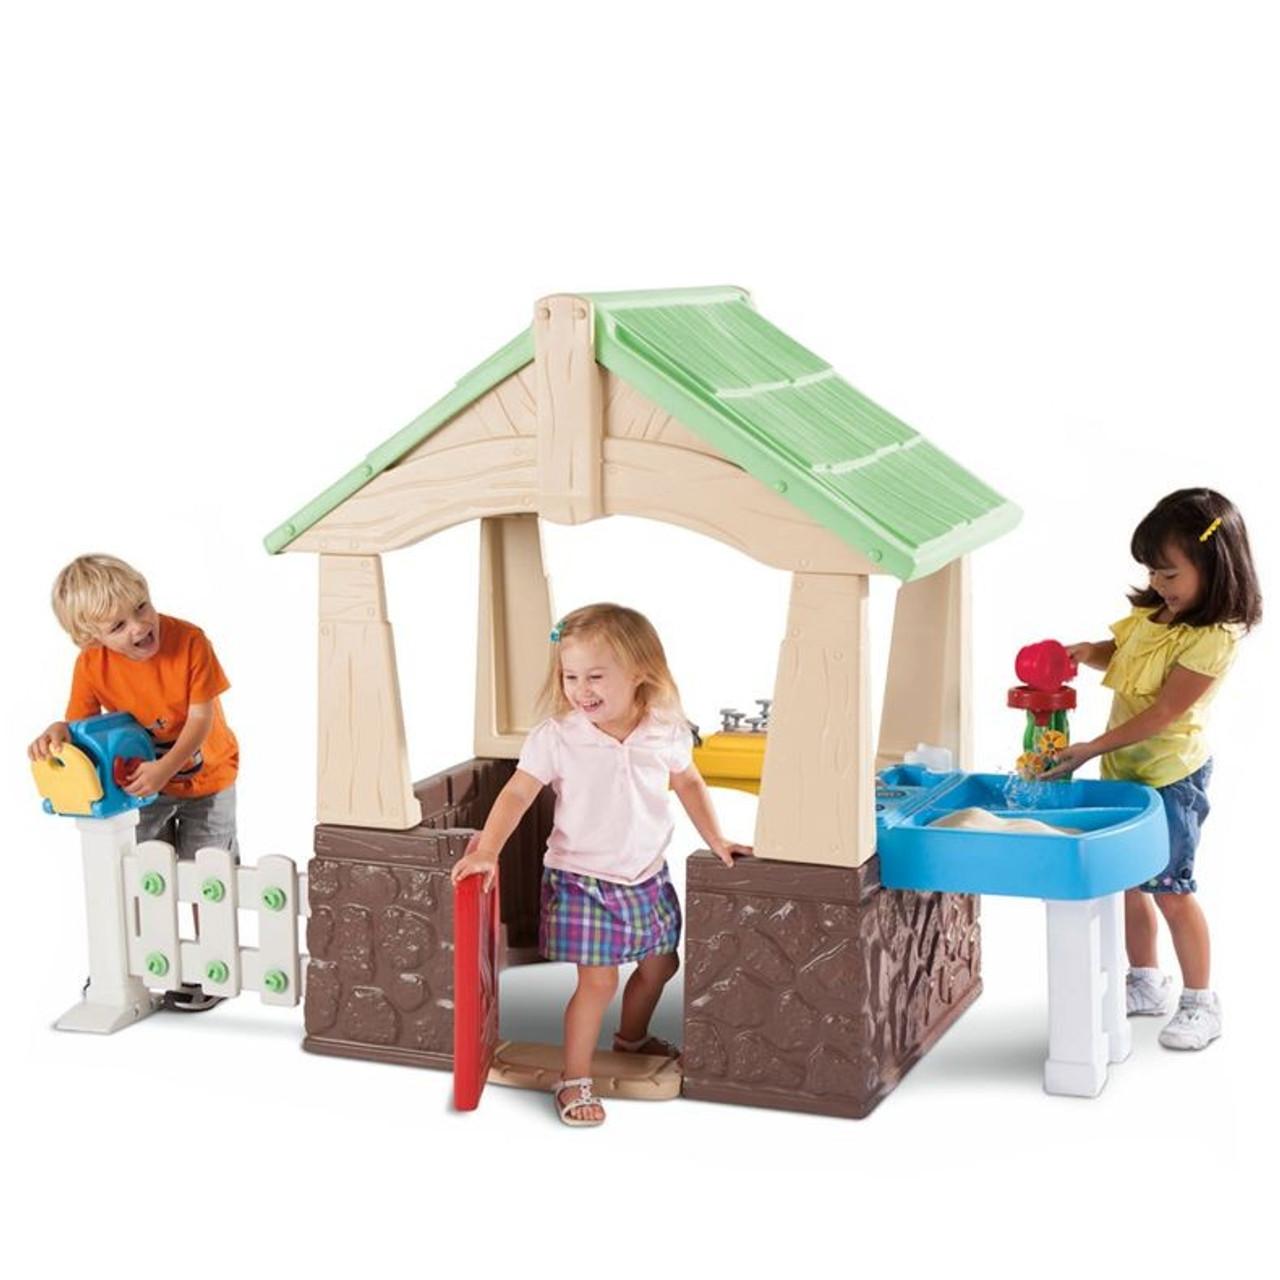 Little Tikes Deluxe Home Garden Playhouse